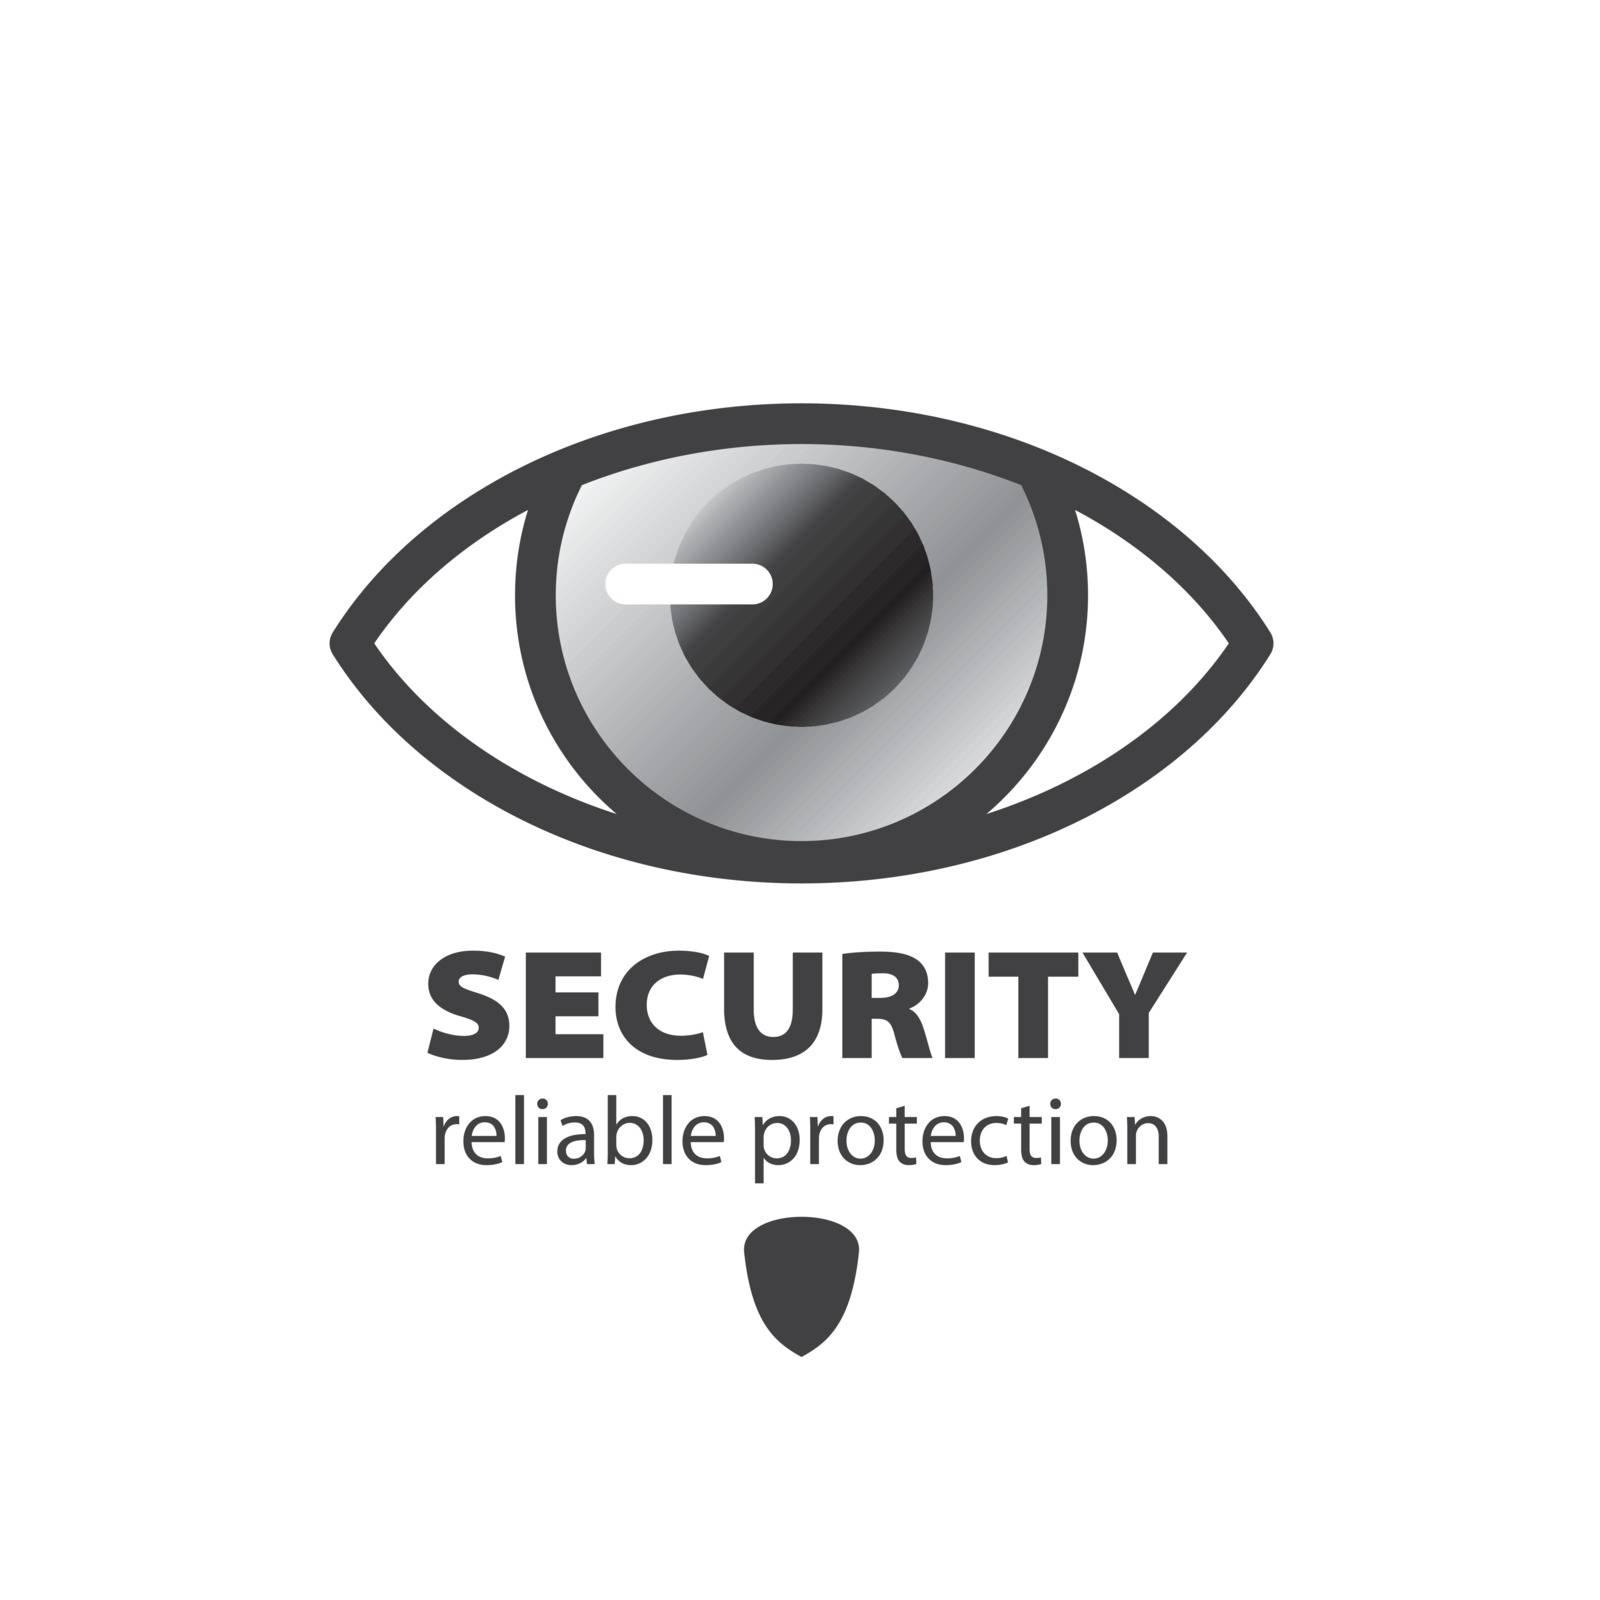 vector logo eye protection and surveillance